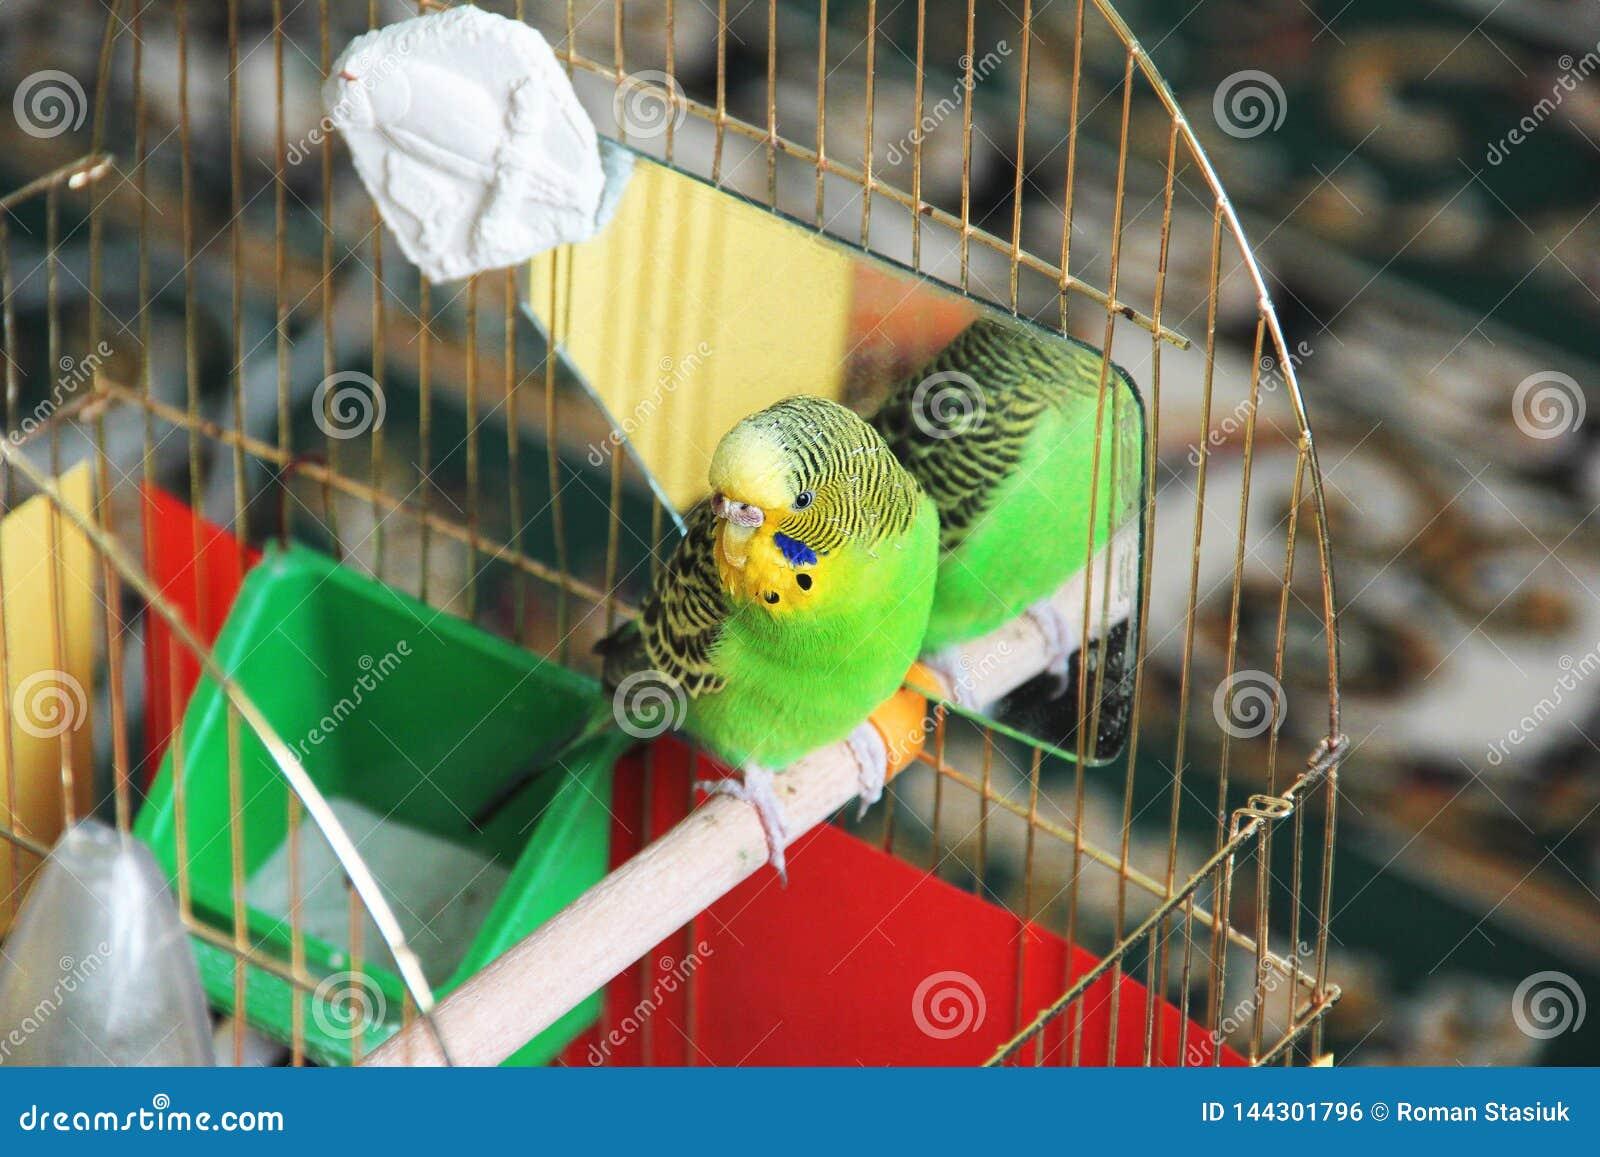 Le perroquet se repose dans une cage budgerigar